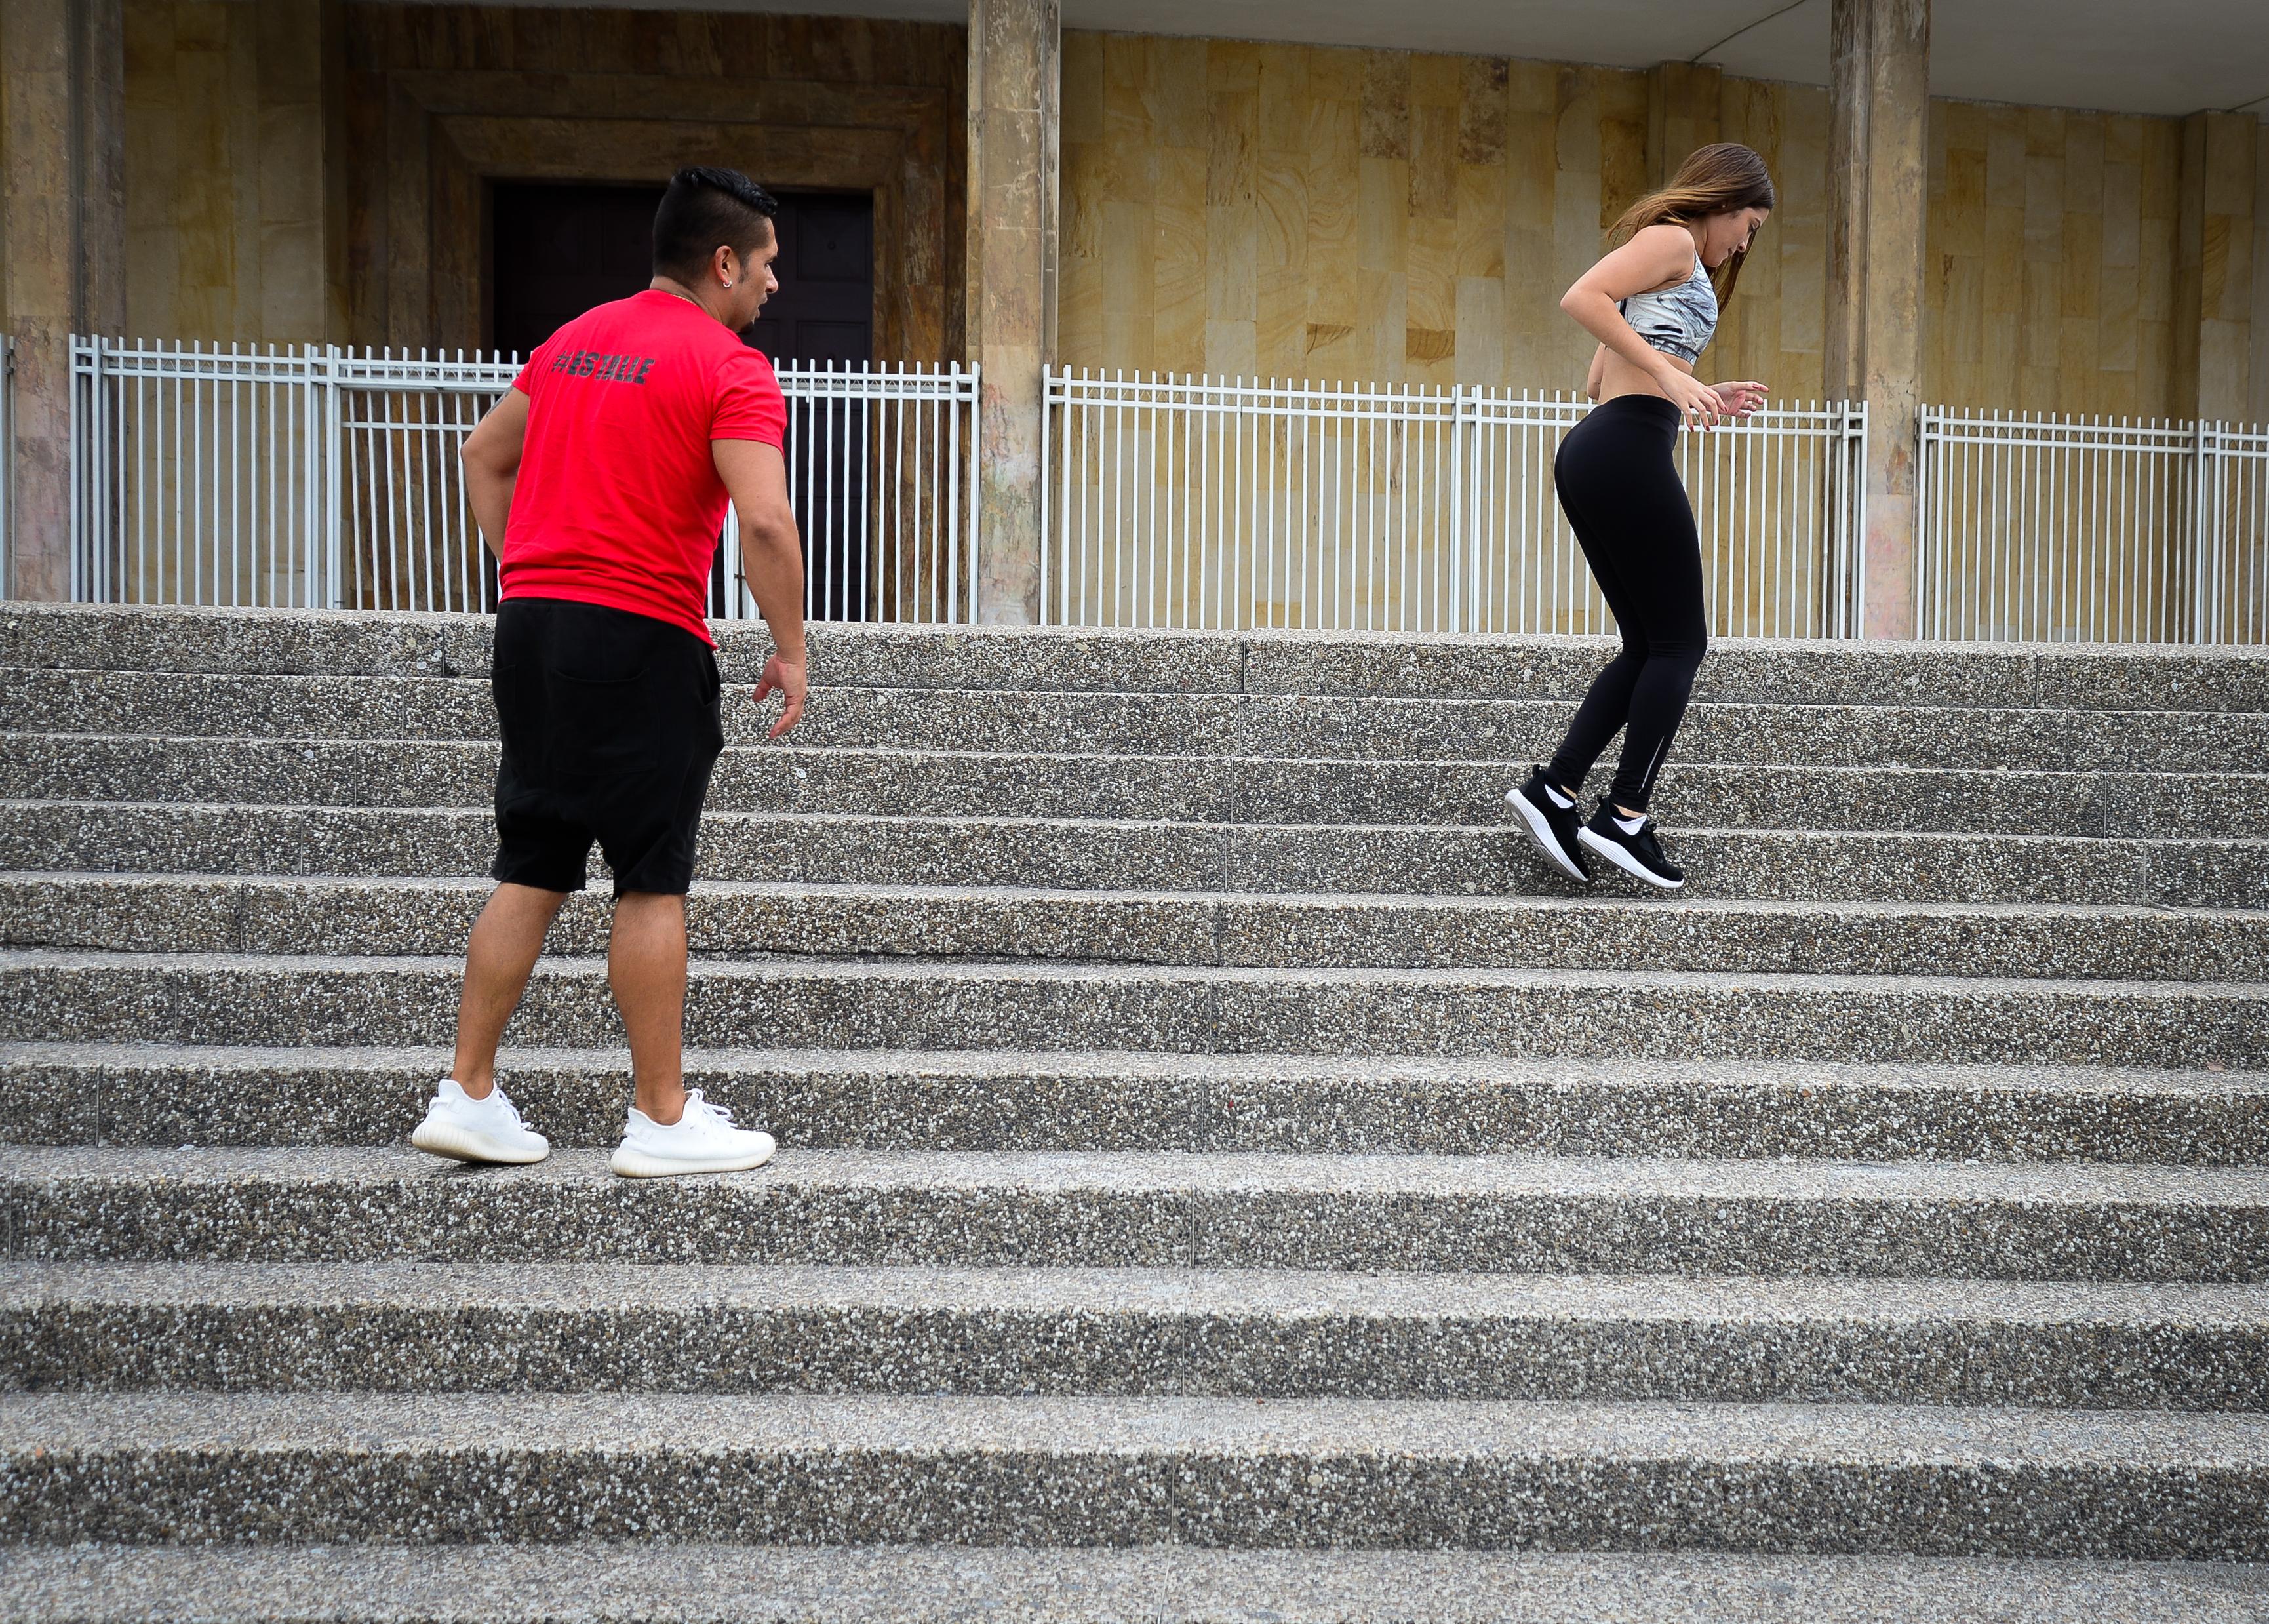 Alex emplea elementos al alcance de la mano para desarrollar las rutinas de ejercicio.